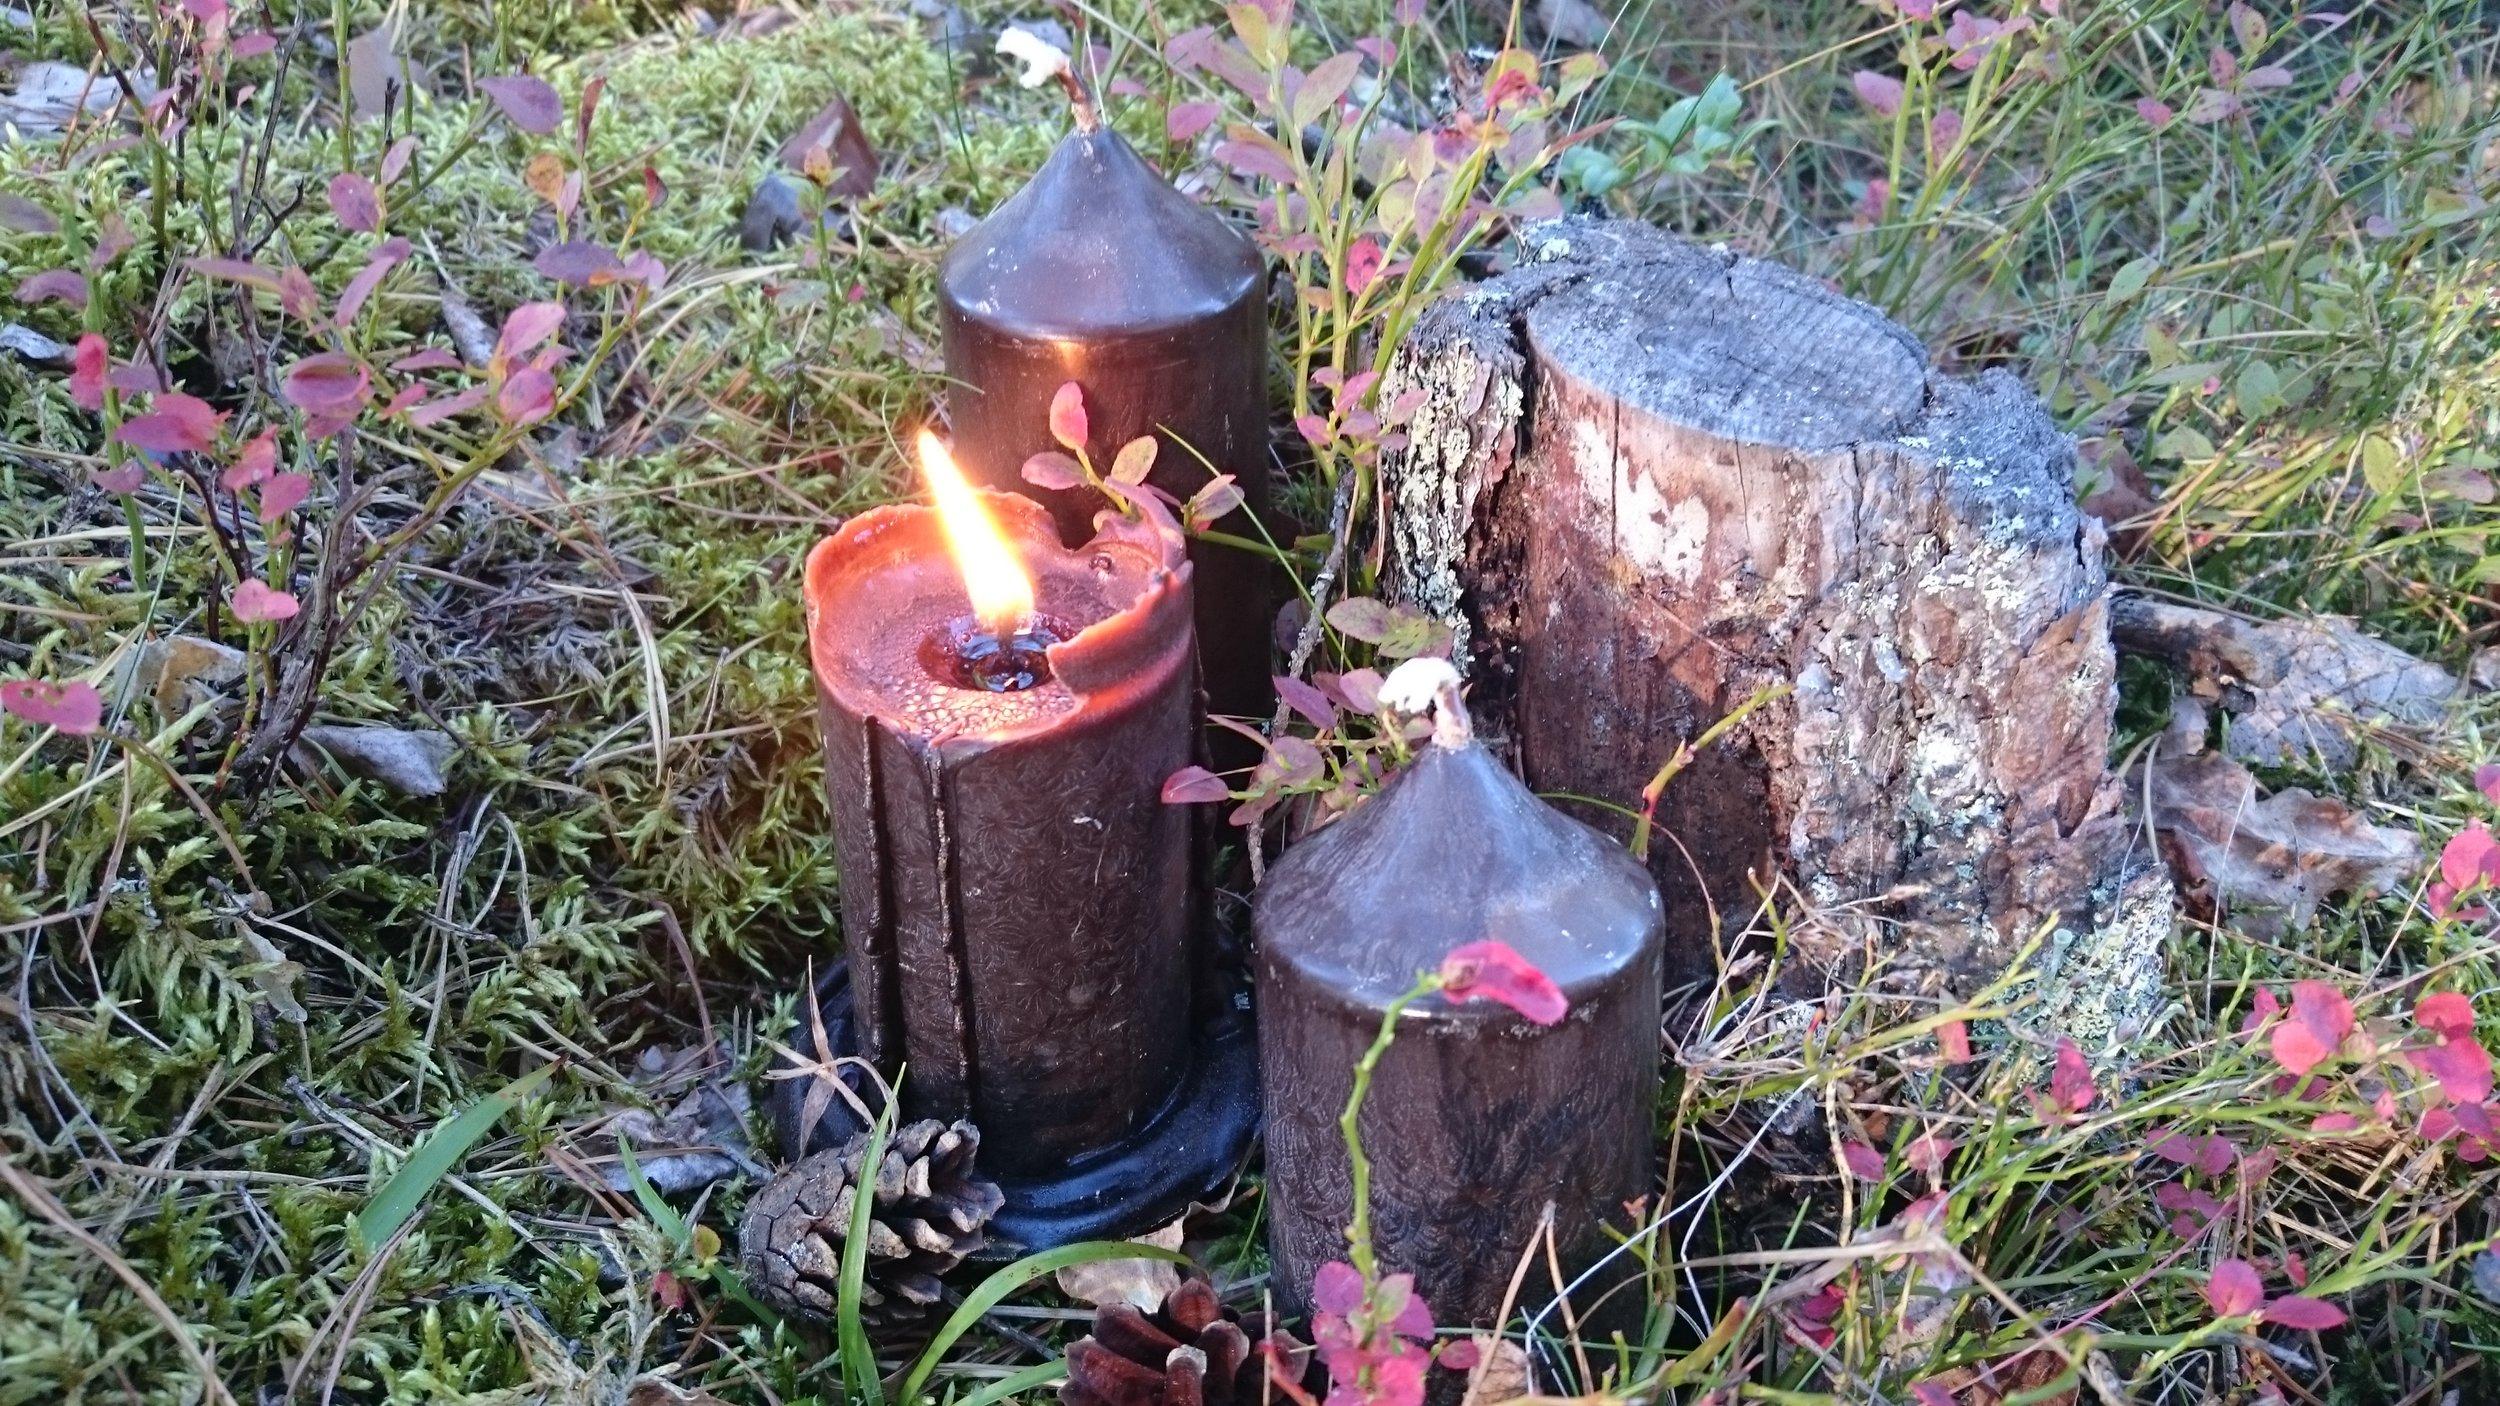 Grävlings Naturprodukter medverkar även i år på Midvinterglöds alternativa julmarknad 10 december i Jättendal.